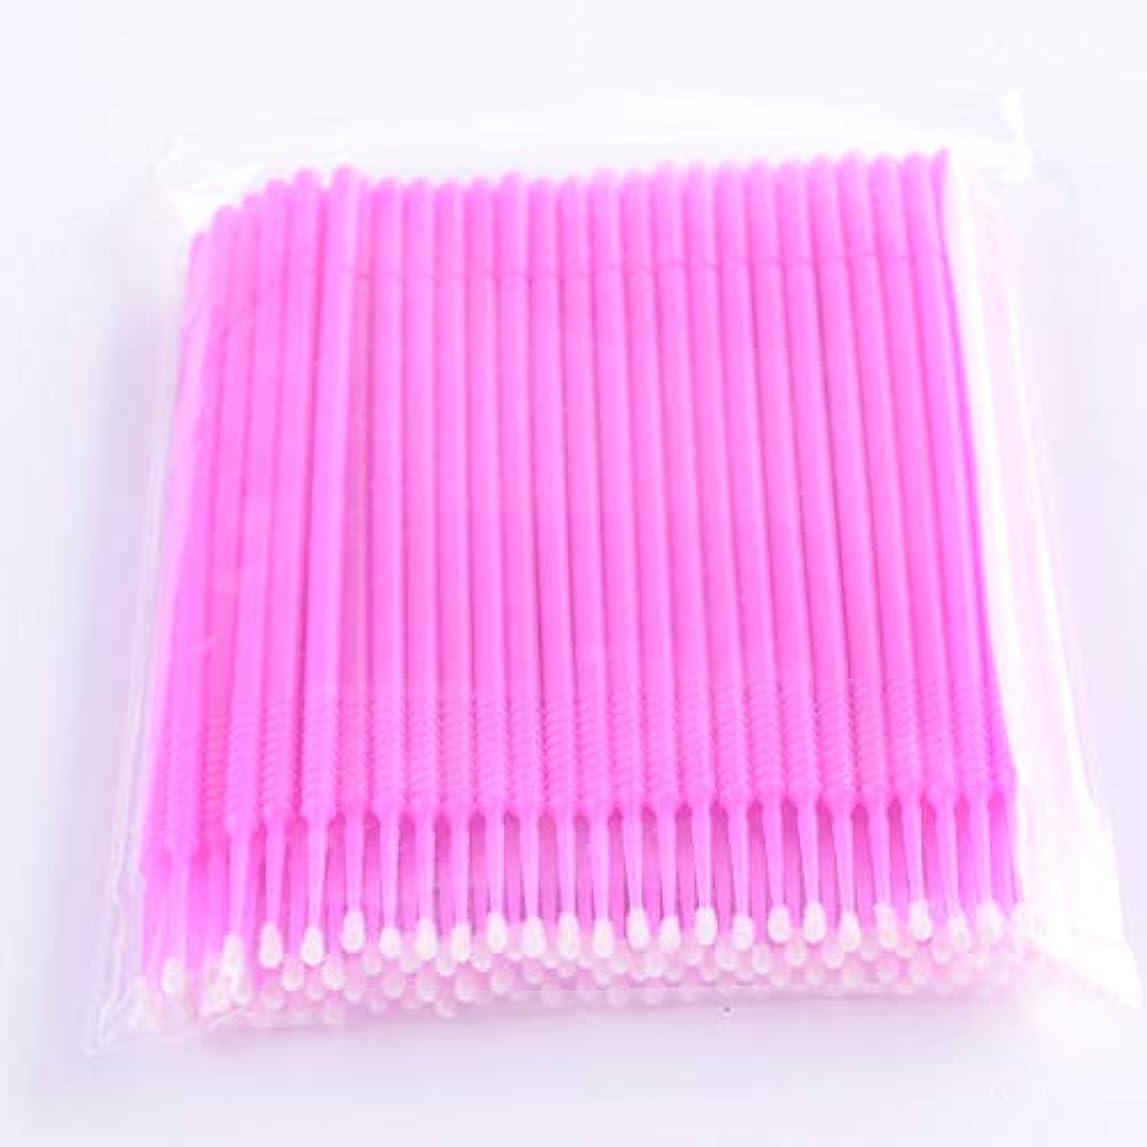 ご予約マニュアル家主PLATINA LASH マイクロスティック 100本入り マイクロブラシ 使い捨て極細綿棒アプリケーター まつげエクステ用 (Fine/Pink)